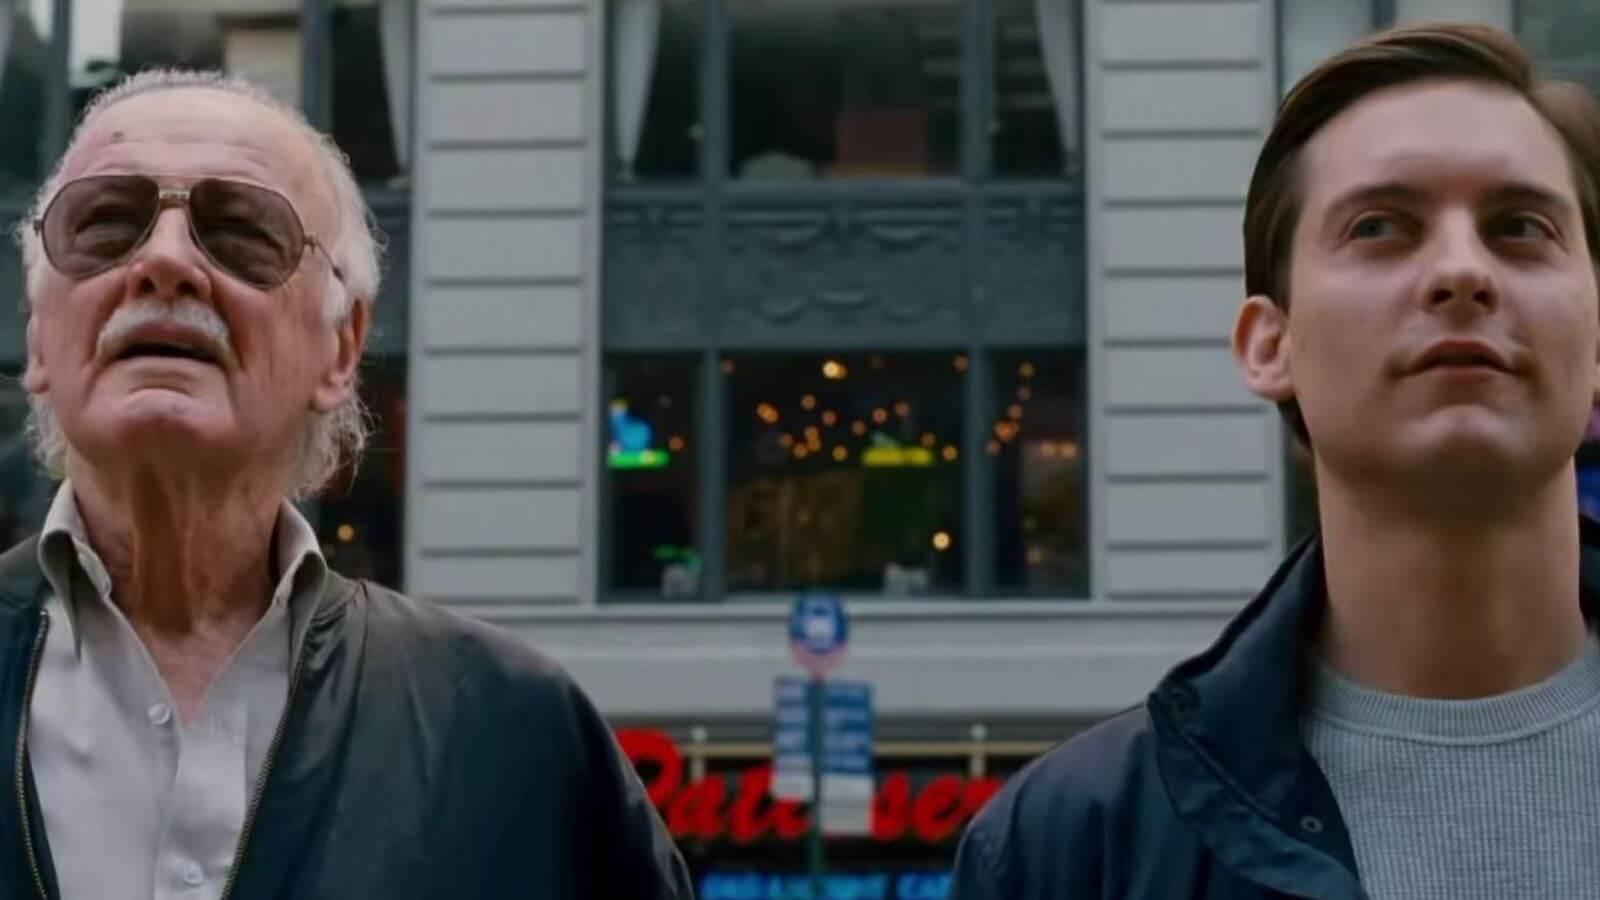 史丹李 (Stan Lee) 曾在《蜘蛛人 3》中客串西裝路人。